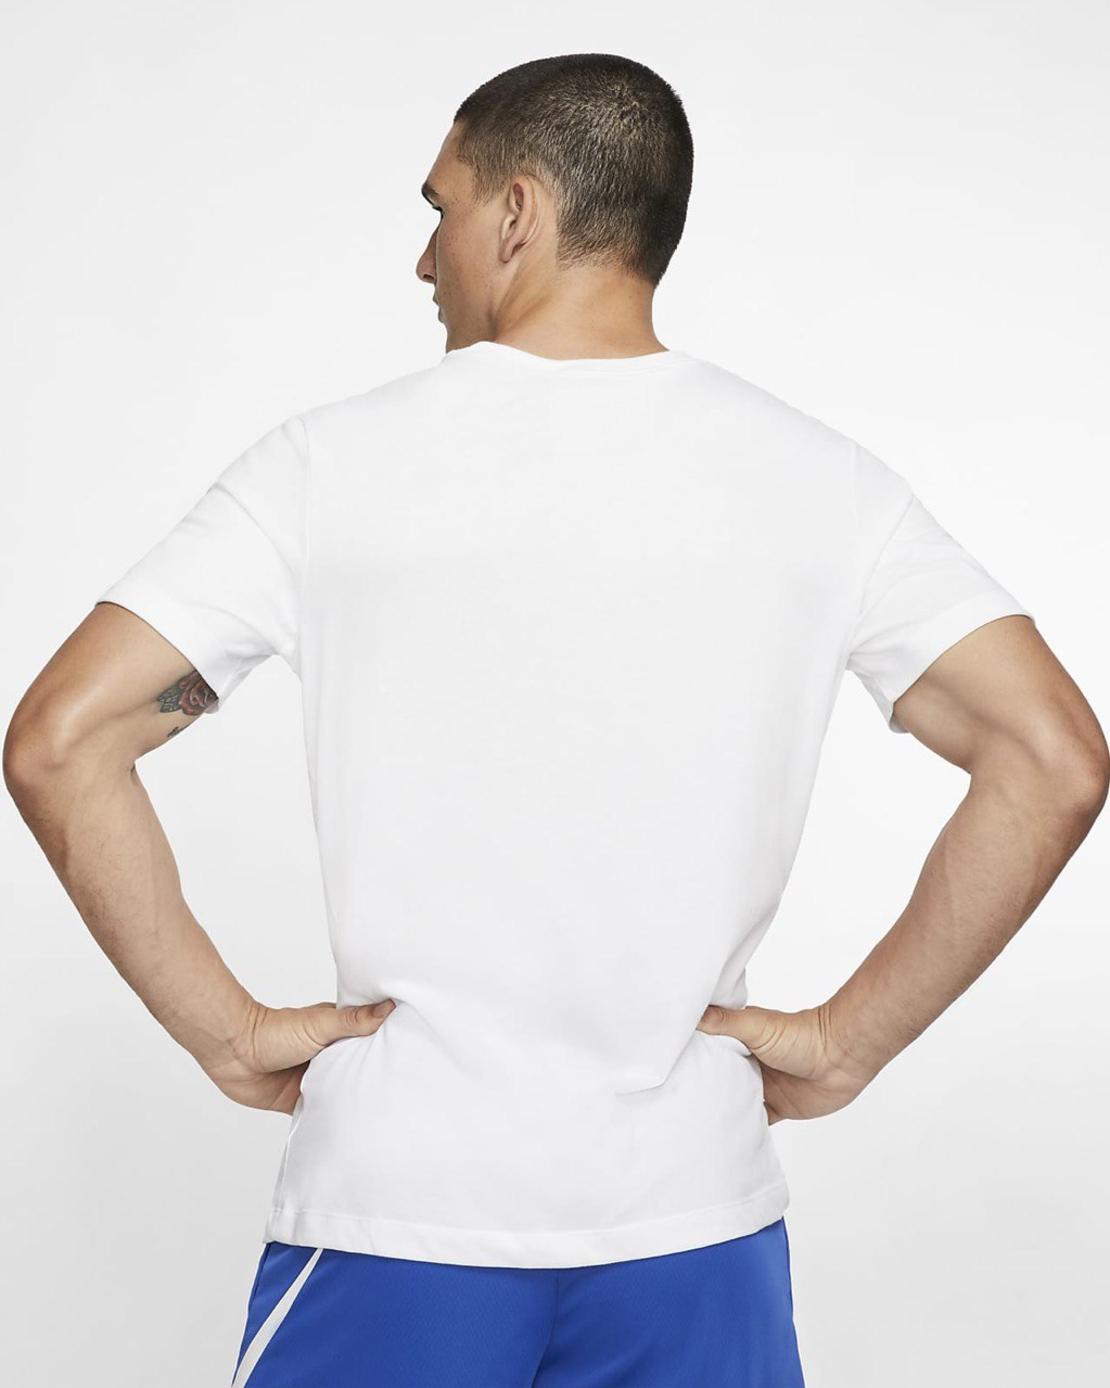 חולצת נייק לגברים | Nike Dri-Fit Men's Training T-Shirt